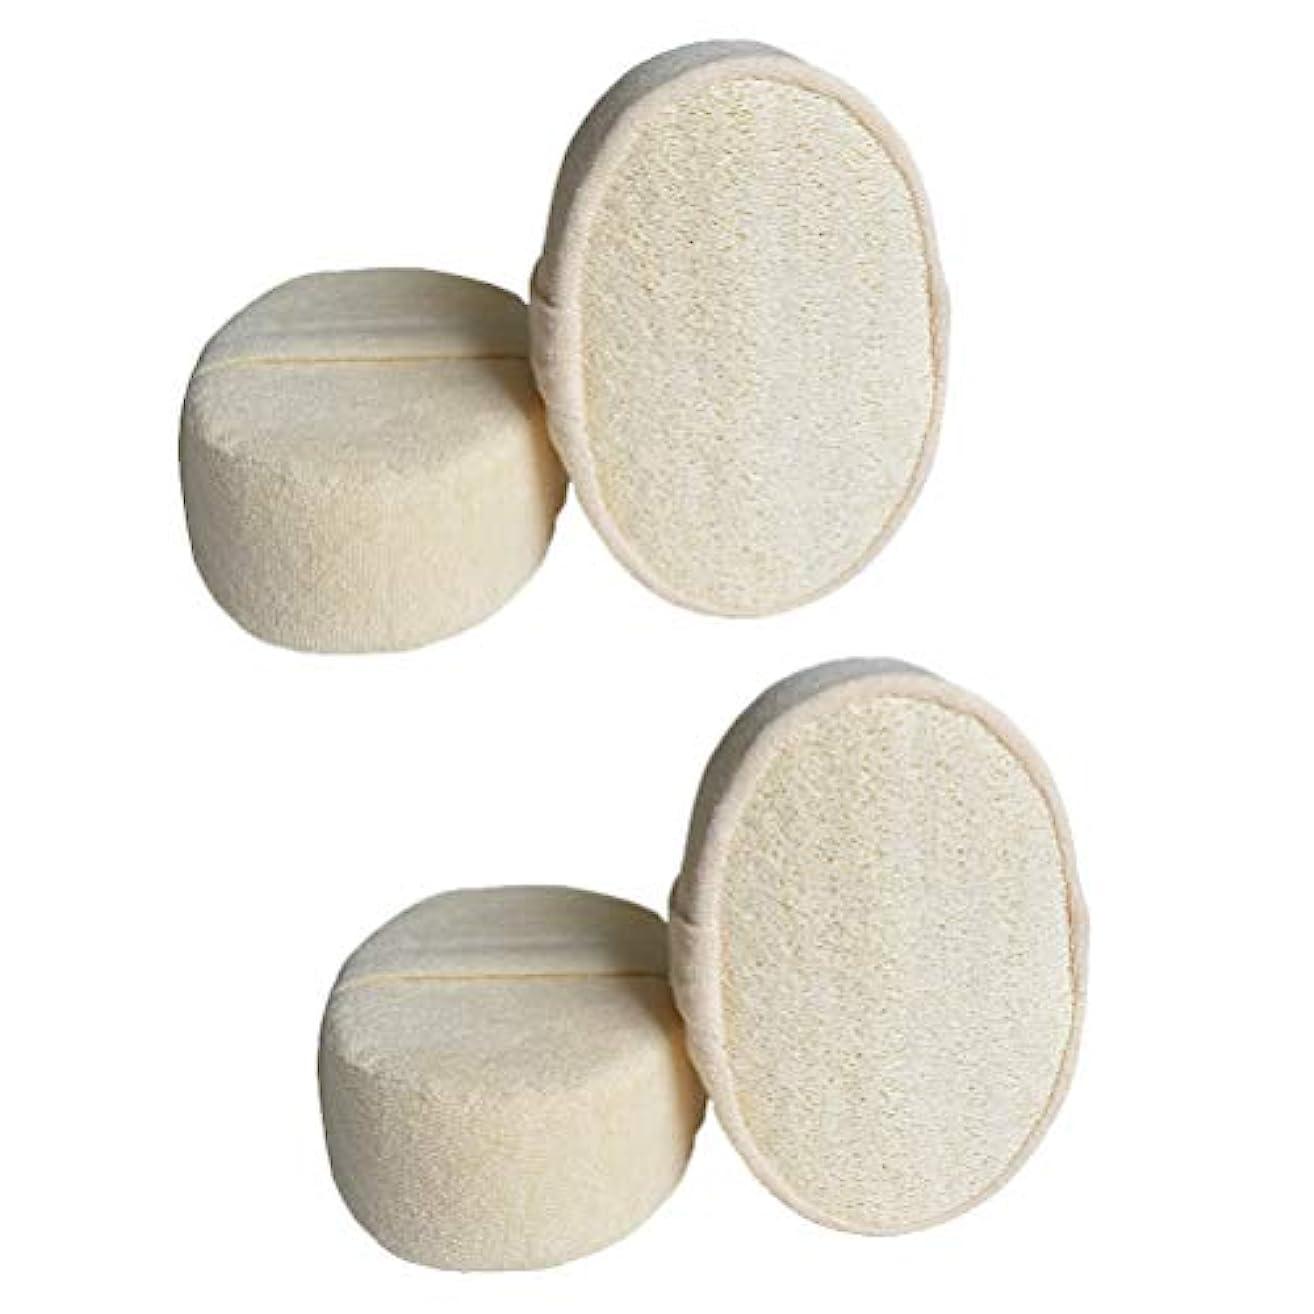 ドラッグできる腐食するHealifty 4ピース剥離剥離剤パッドloofaスポンジスクラバーブラシ用風呂スパシャワー